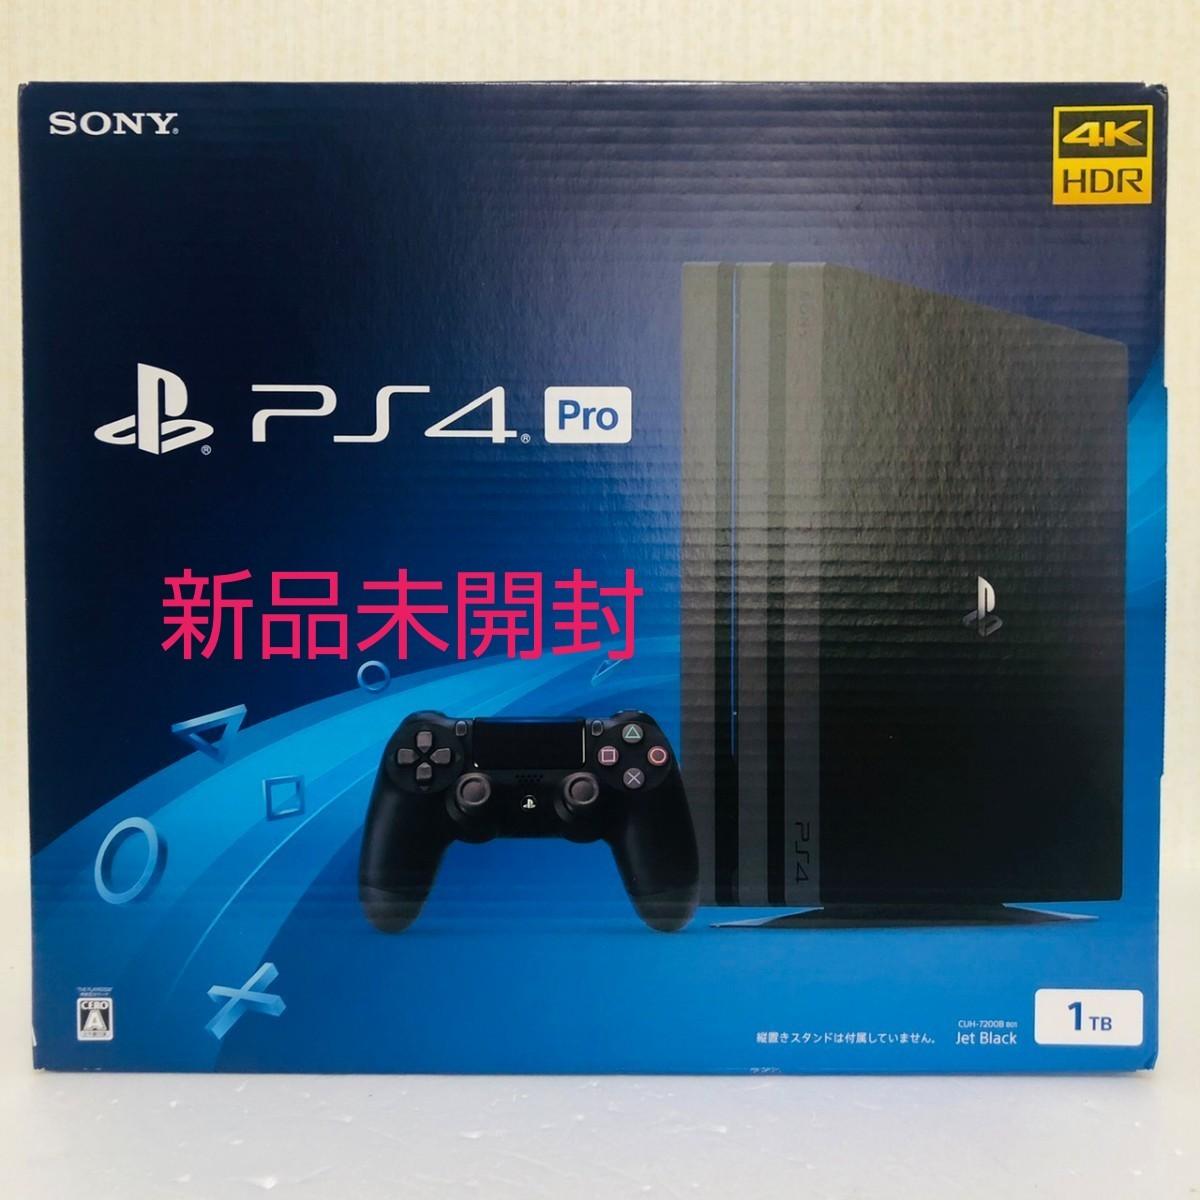 【新品未開封】PS4 Pro 1TB PlayStation4 プレステ